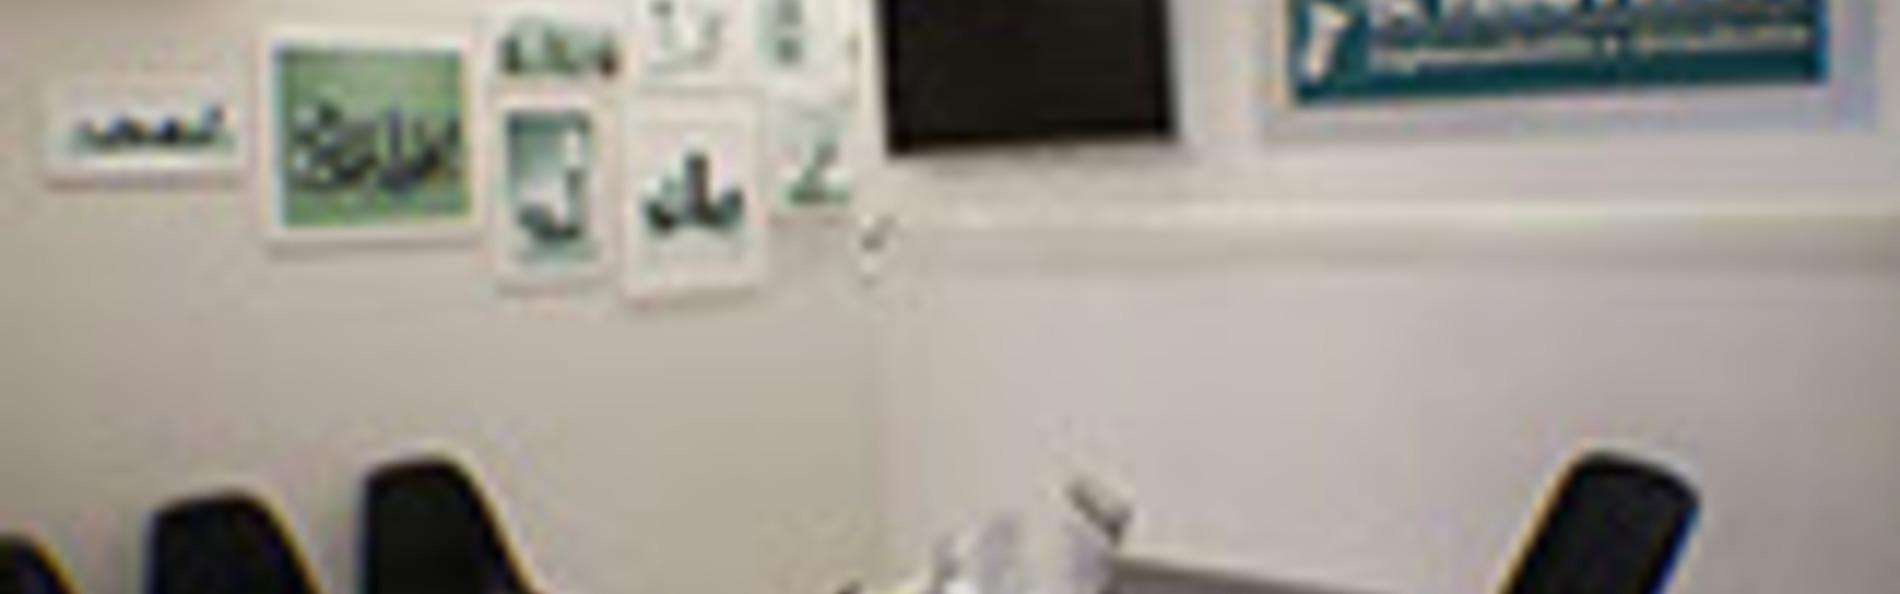 Clinica dr.flavio pinheiro profile